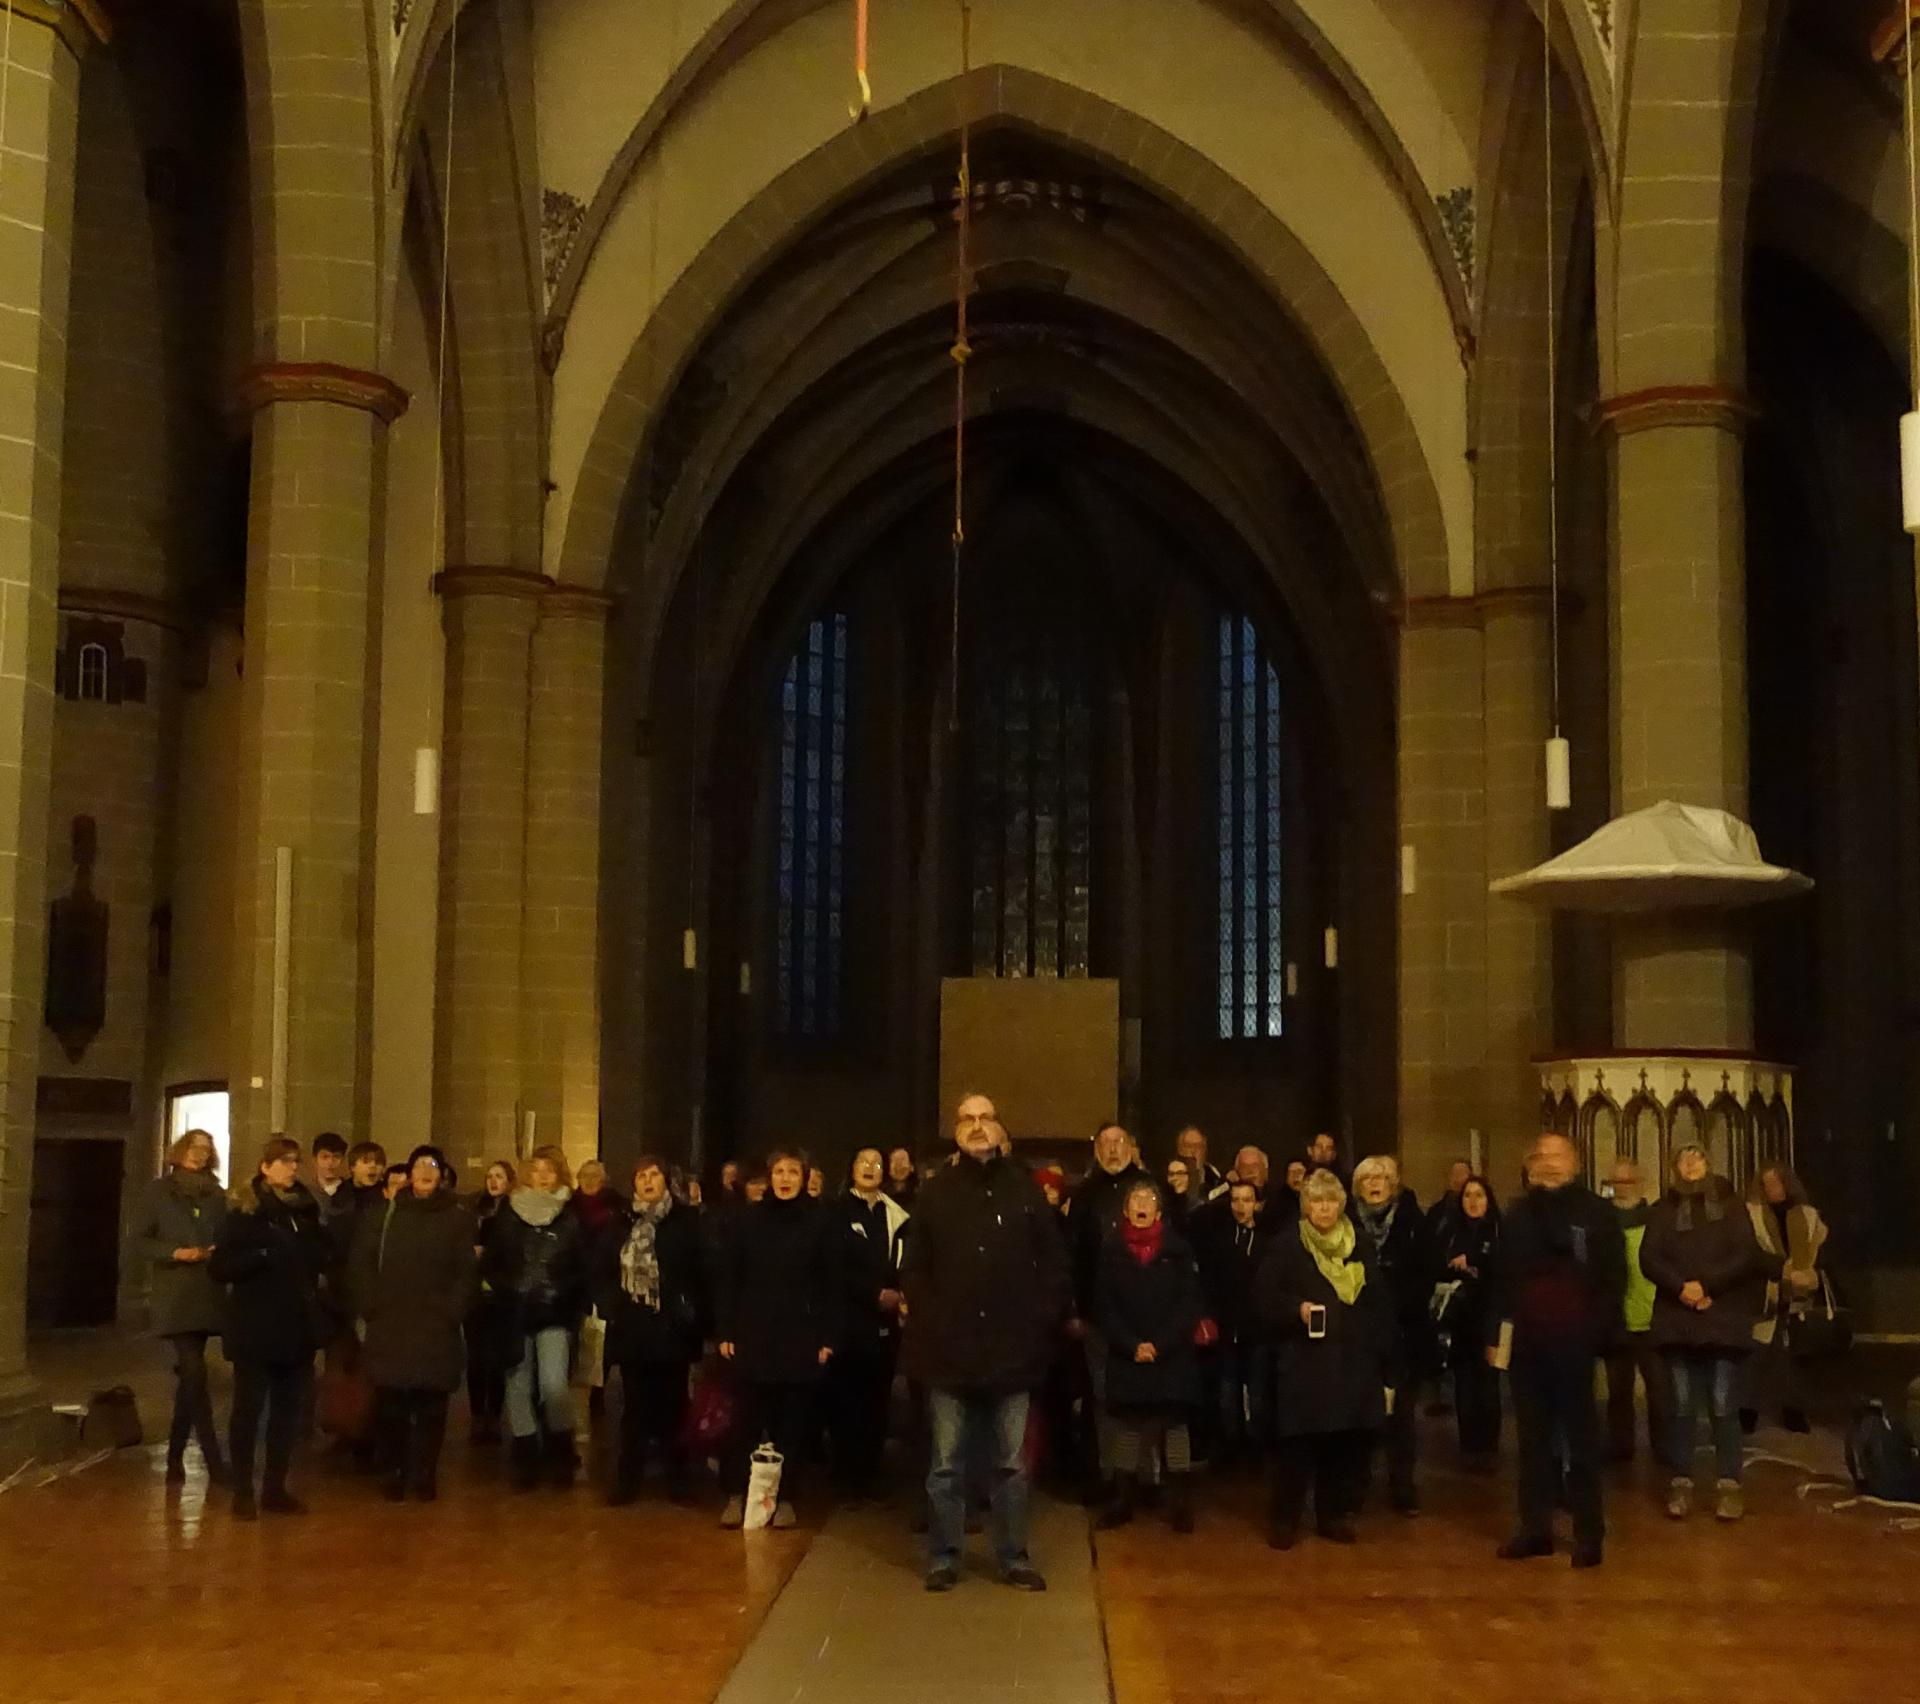 Abschied von der Orgel in der leeren Kirche durch die Kantorei am 10.01.2020 nach der freitäglichen Kantoreiprobe.